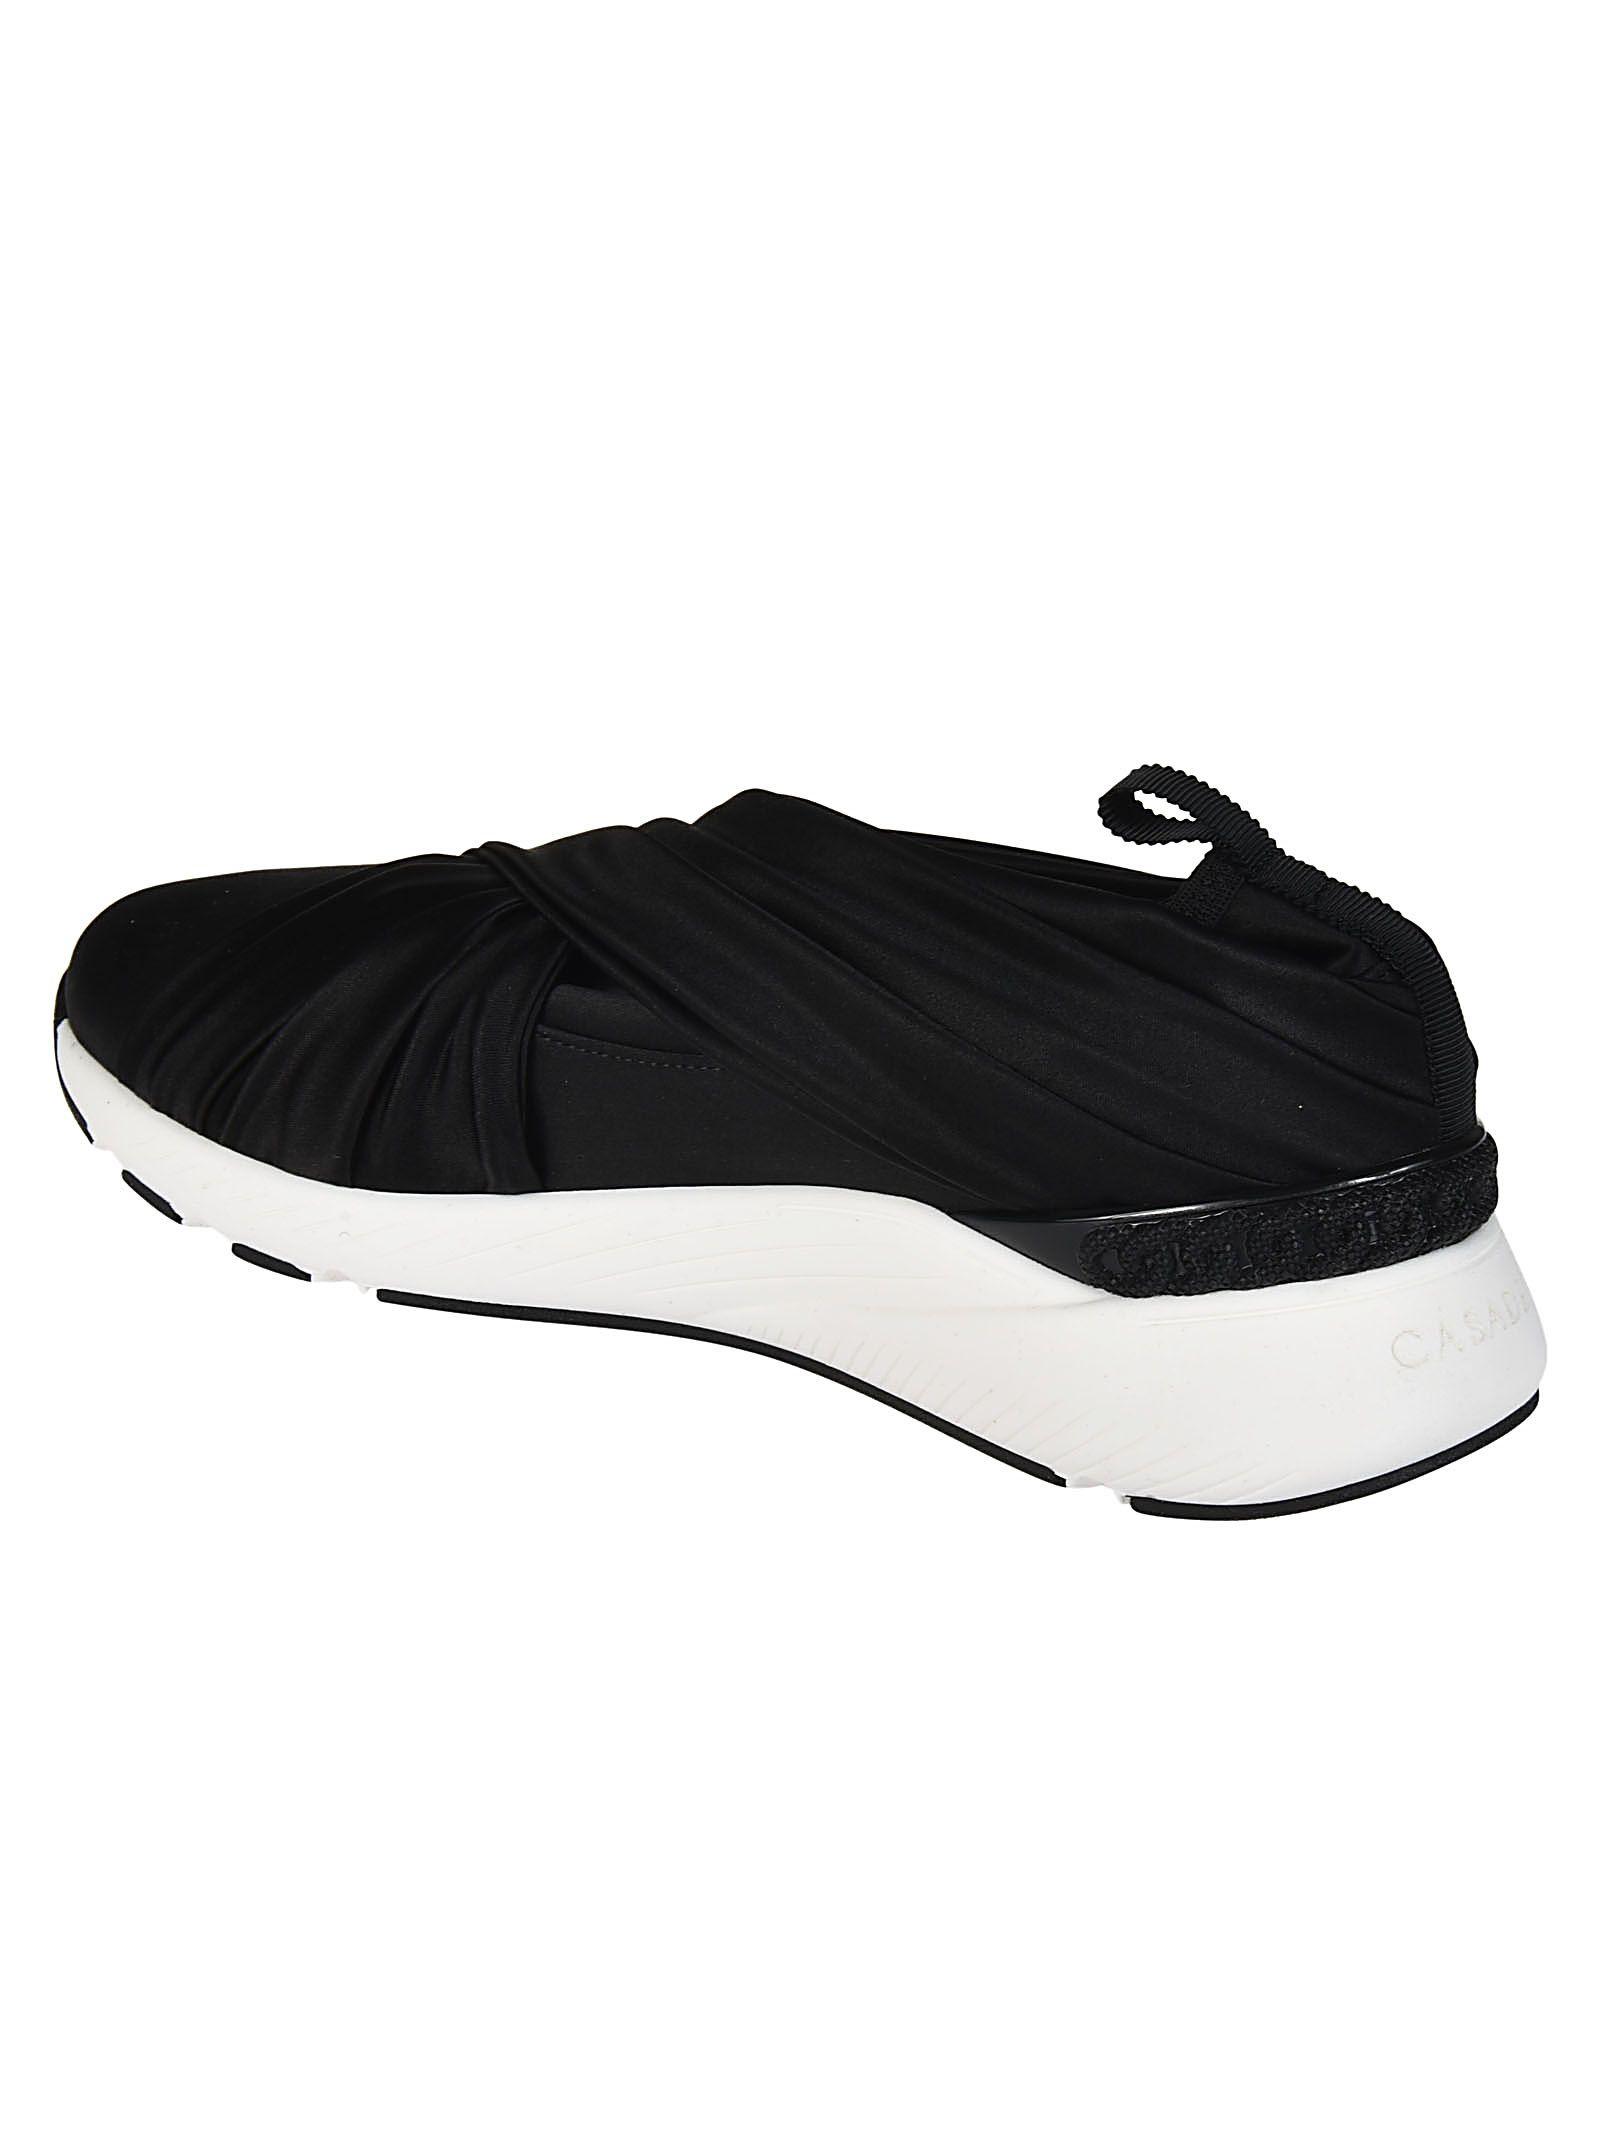 Casadei Chaussures De Sport De Bande De Recouvrement - Noir yoCBoIB7W